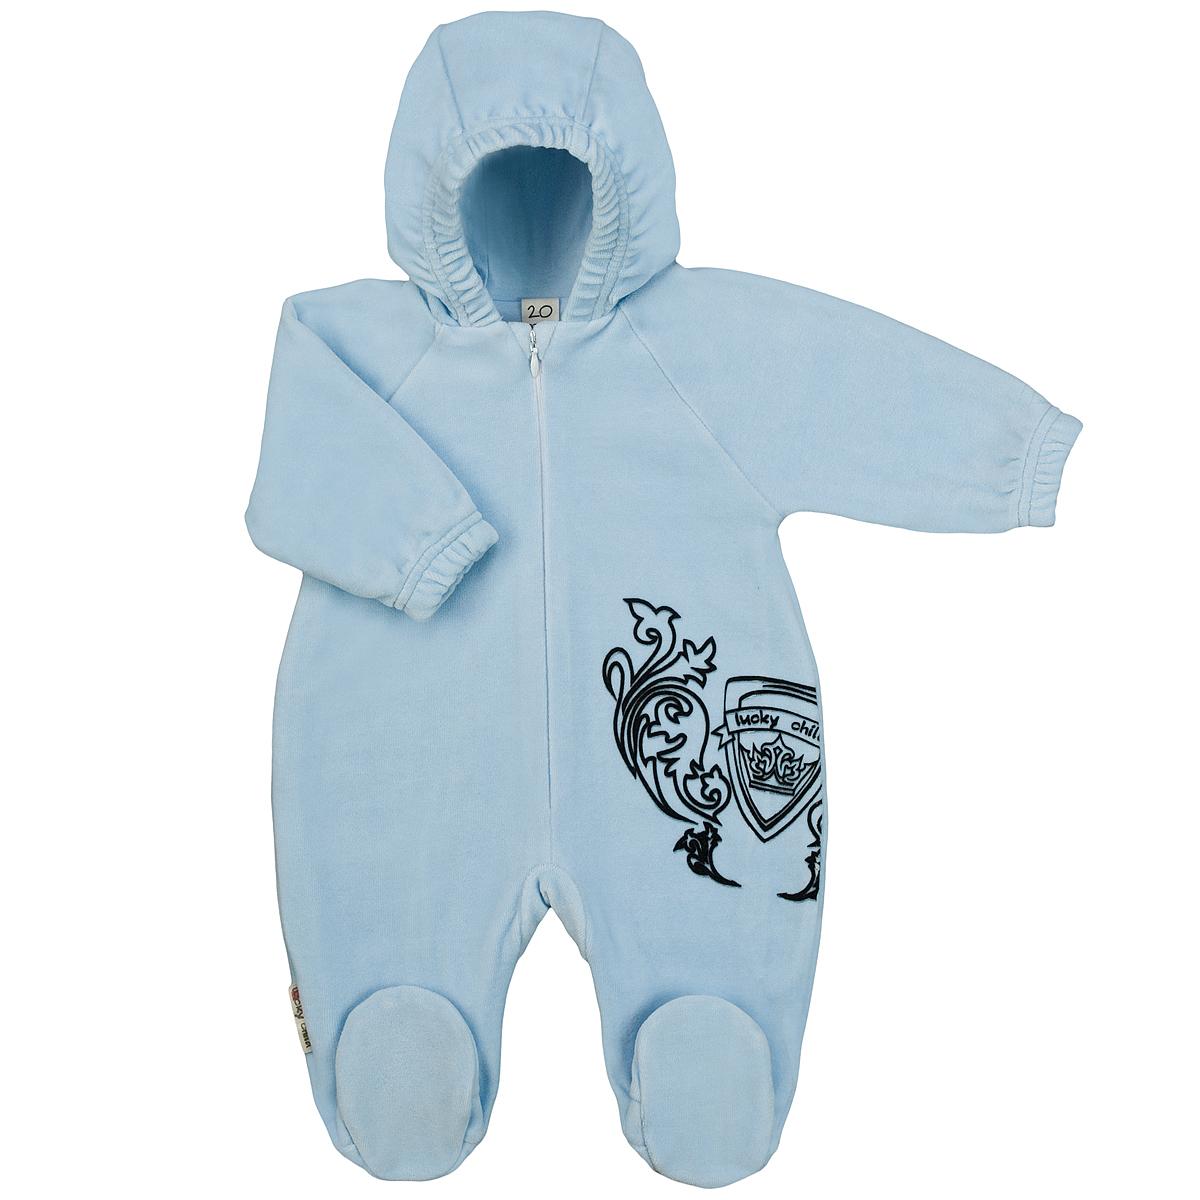 Комбинезон детский Lucky Child, цвет: голубой. 5-4. Размер 68/745-4Детский комбинезон с капюшоном Lucky Child - очень удобный и практичный вид одежды для малышей. Комбинезон выполнен из велюра на подкладке из натурального хлопка, благодаря чему он необычайно мягкий и приятный на ощупь, не раздражают нежную кожу ребенка и хорошо вентилируются, а эластичные швы приятны телу малышки и не препятствуют ее движениям. Комбинезон с длинными рукавами-реглан и закрытыми ножками по центру имеет потайную застежку-молнию, которая помогает легко переодеть младенца или сменить подгузник. Спереди он оформлен оригинальным принтом в виде логотипа бренда. Рукава понизу дополнены неширокими эластичными манжетами, которые мягко обхватывают запястья. С детским комбинезоном Lucky Child спинка и ножки вашего малыша всегда будут в тепле. Комбинезон полностью соответствует особенностям жизни младенца в ранний период, не стесняя и не ограничивая его в движениях!